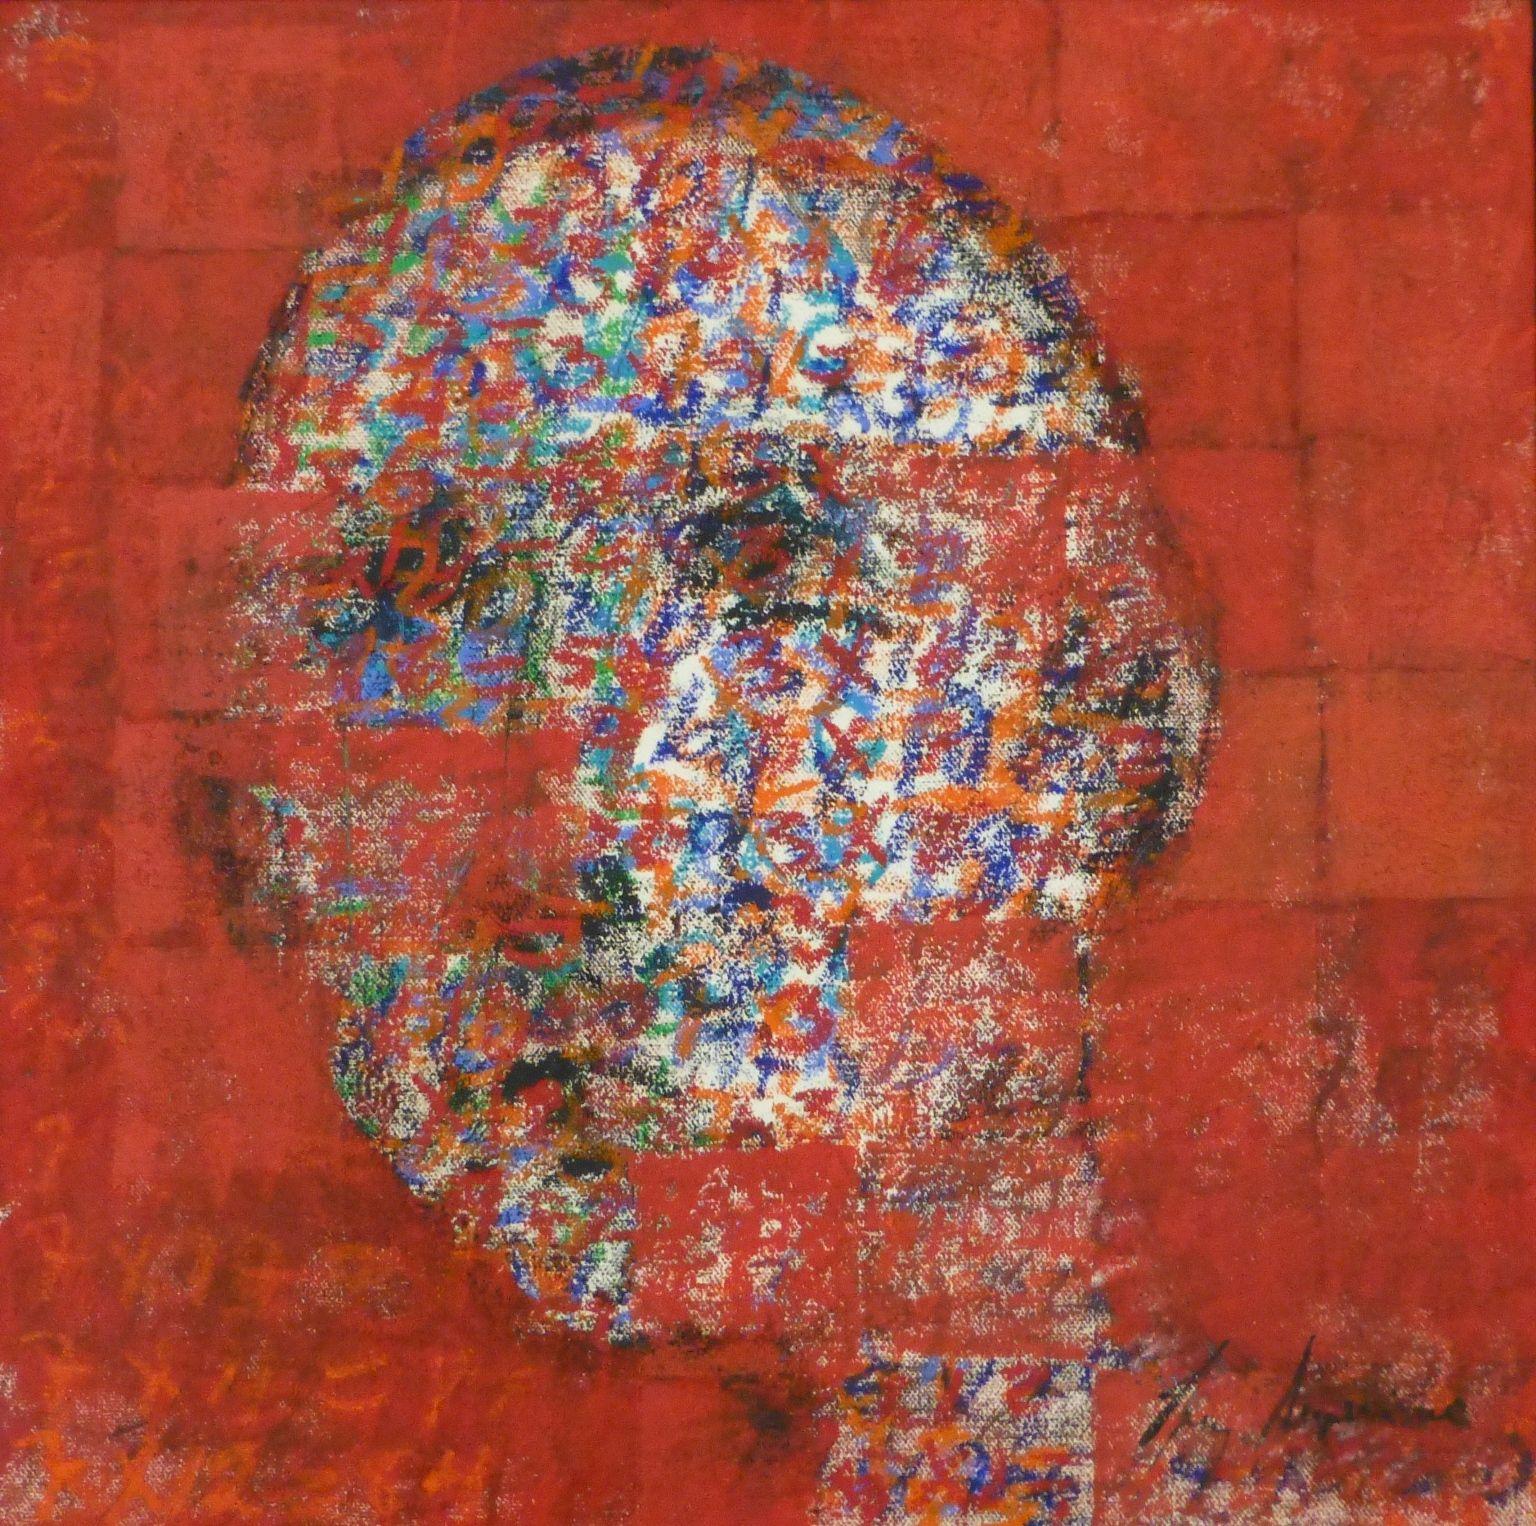 Luz Severino  Peinture Sans Titre    Pays / Country : République Dominicaine.  Dimensions : 50 cm x 50 cm,  Technique : huile sur toile – oil on canvas.  Year / Année : 2012. #canvas #severino #luzseverino #dominican #art #uprising #contemporary